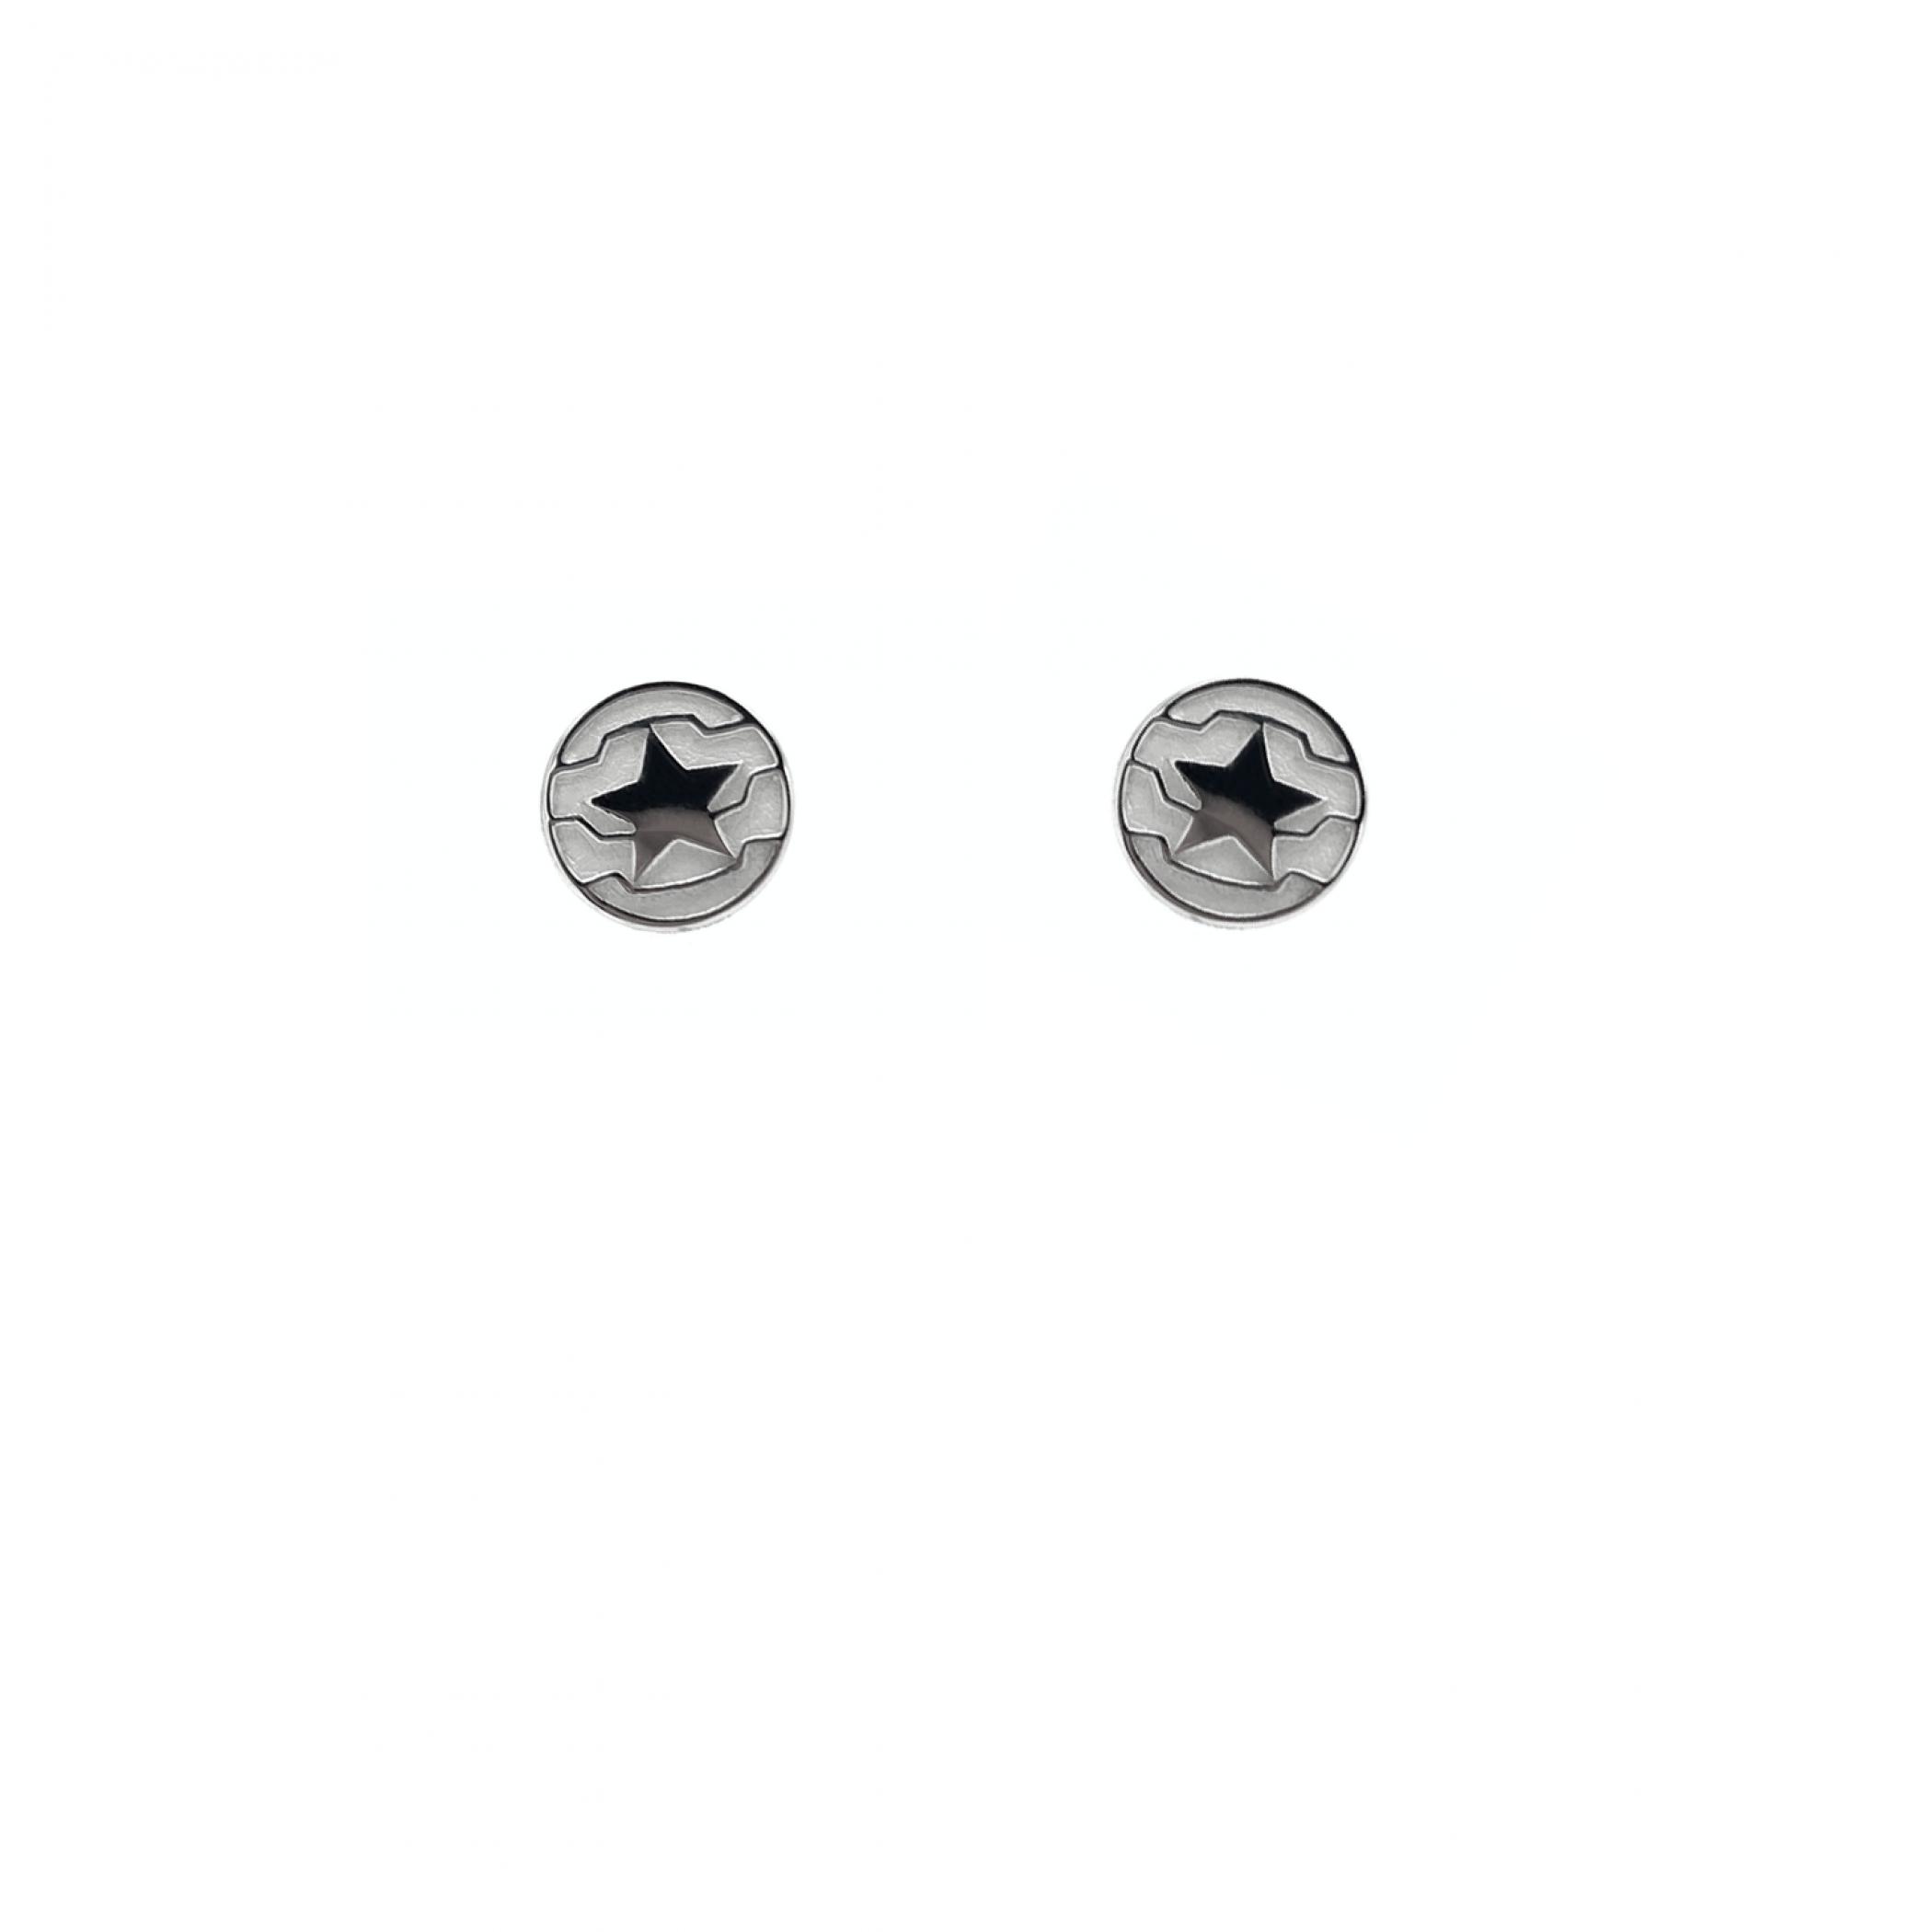 Winter Soldier Stud Earrings